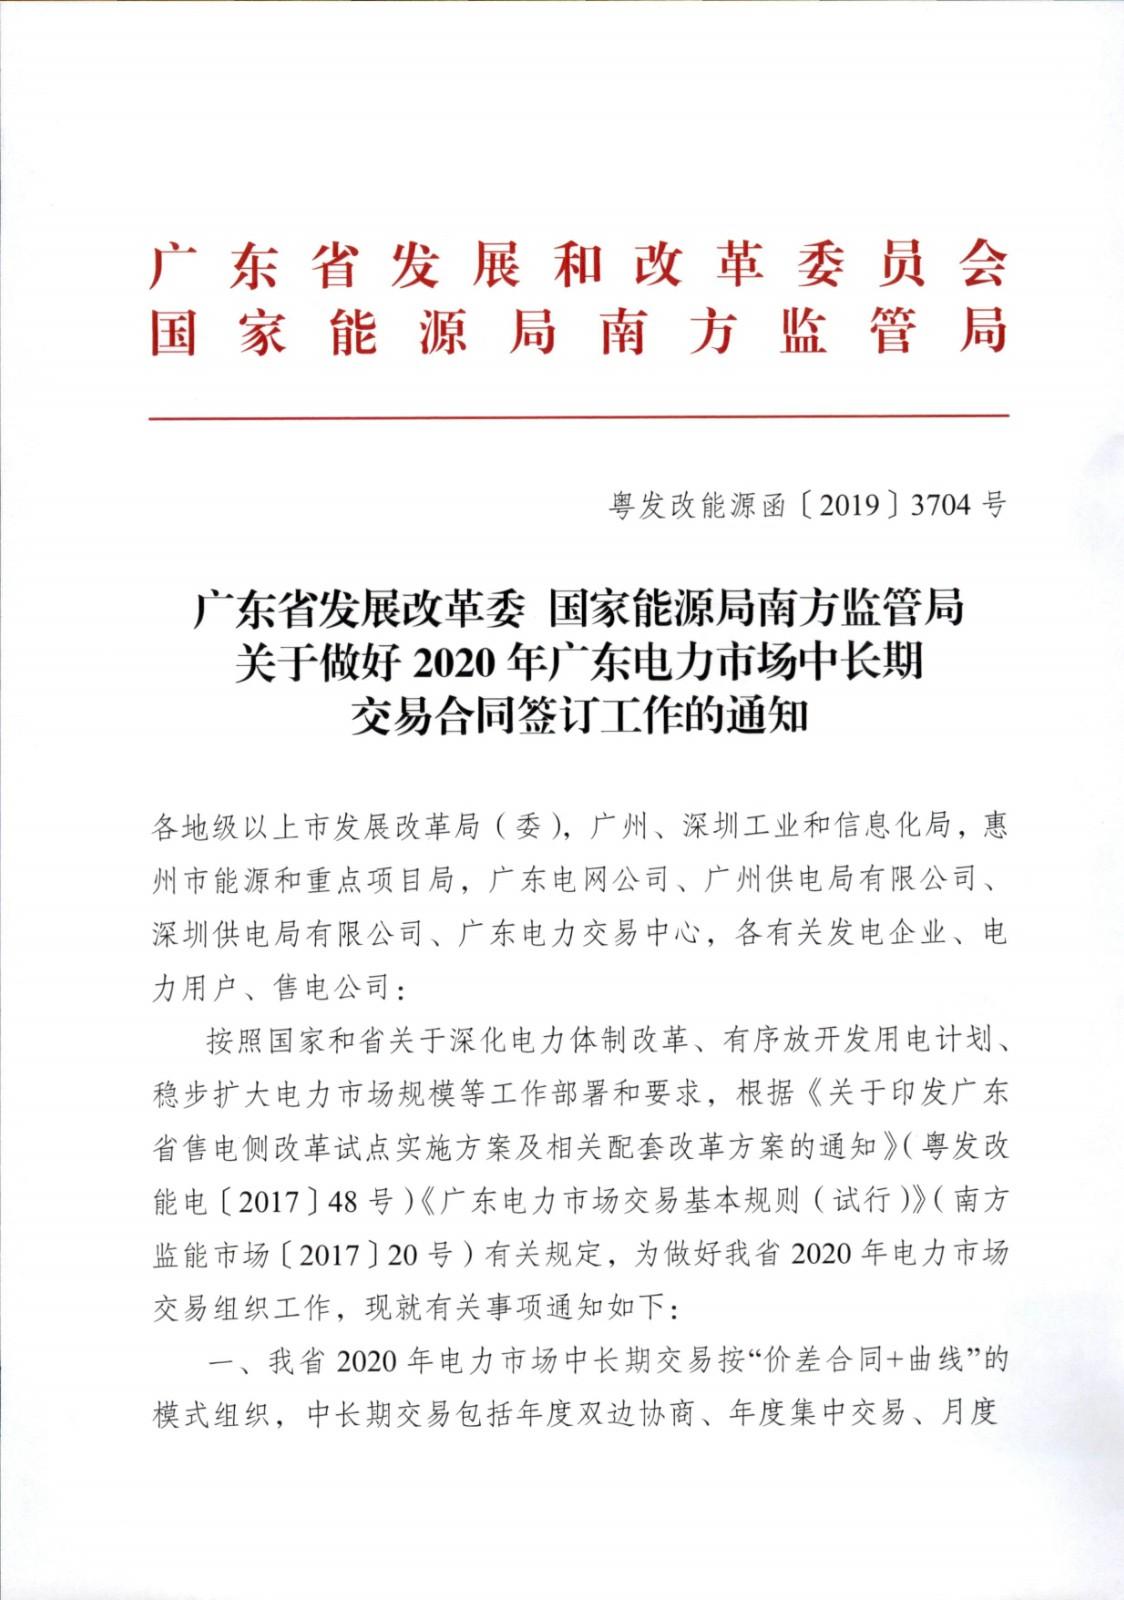 国家能源局南方监管局关于做好2020年广东电力市场中长期交易合同签订工作的通知